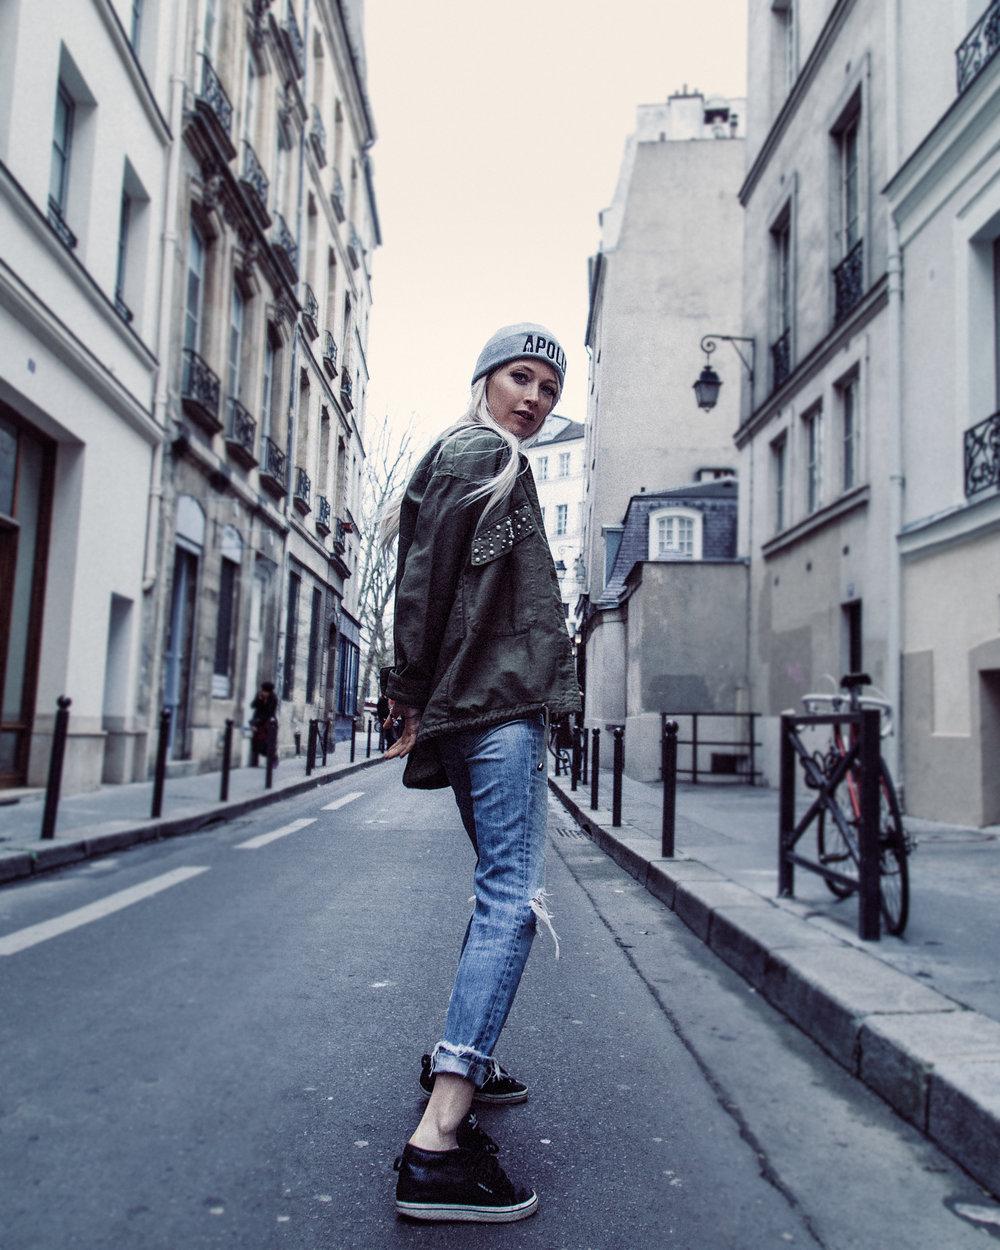 Lifestyle_Paris_ApolloOriginals026.jpg